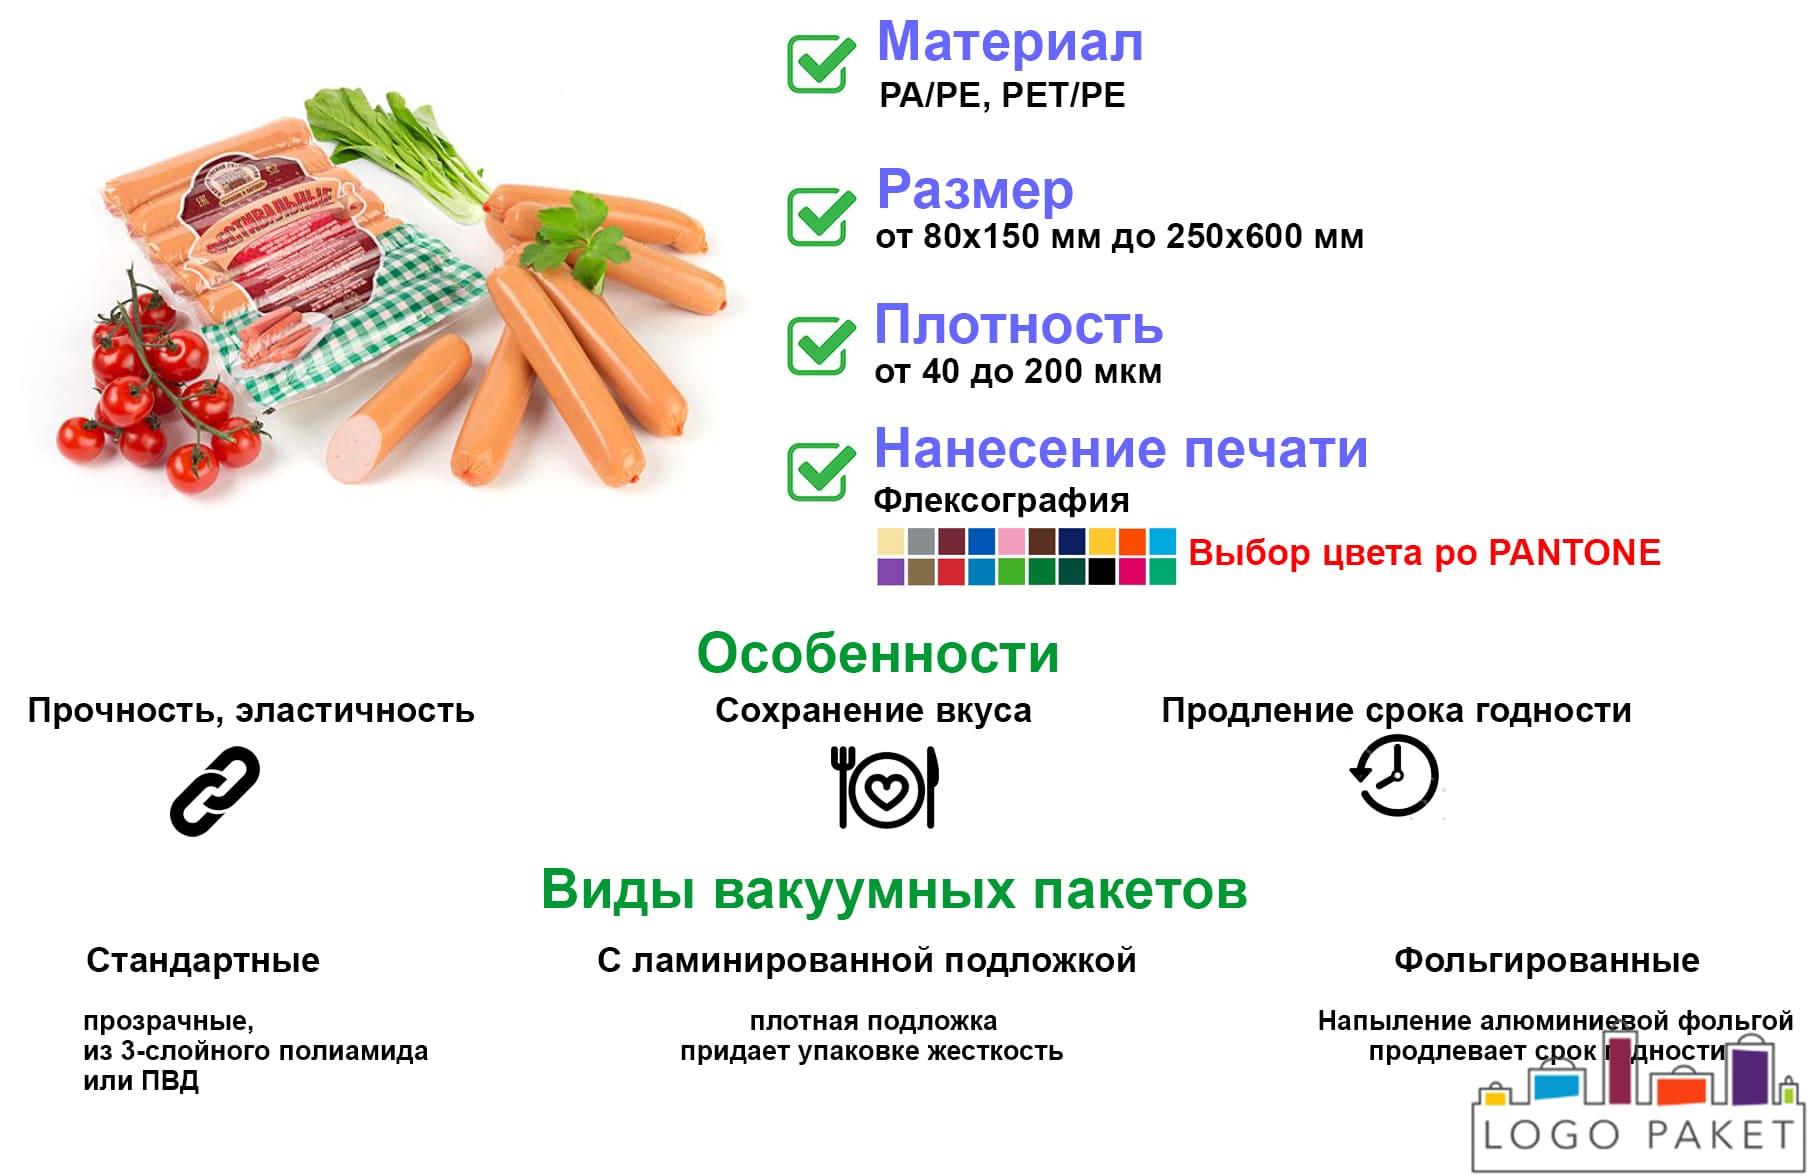 Вакуумные пакеты для сосисок и колбас инфографика